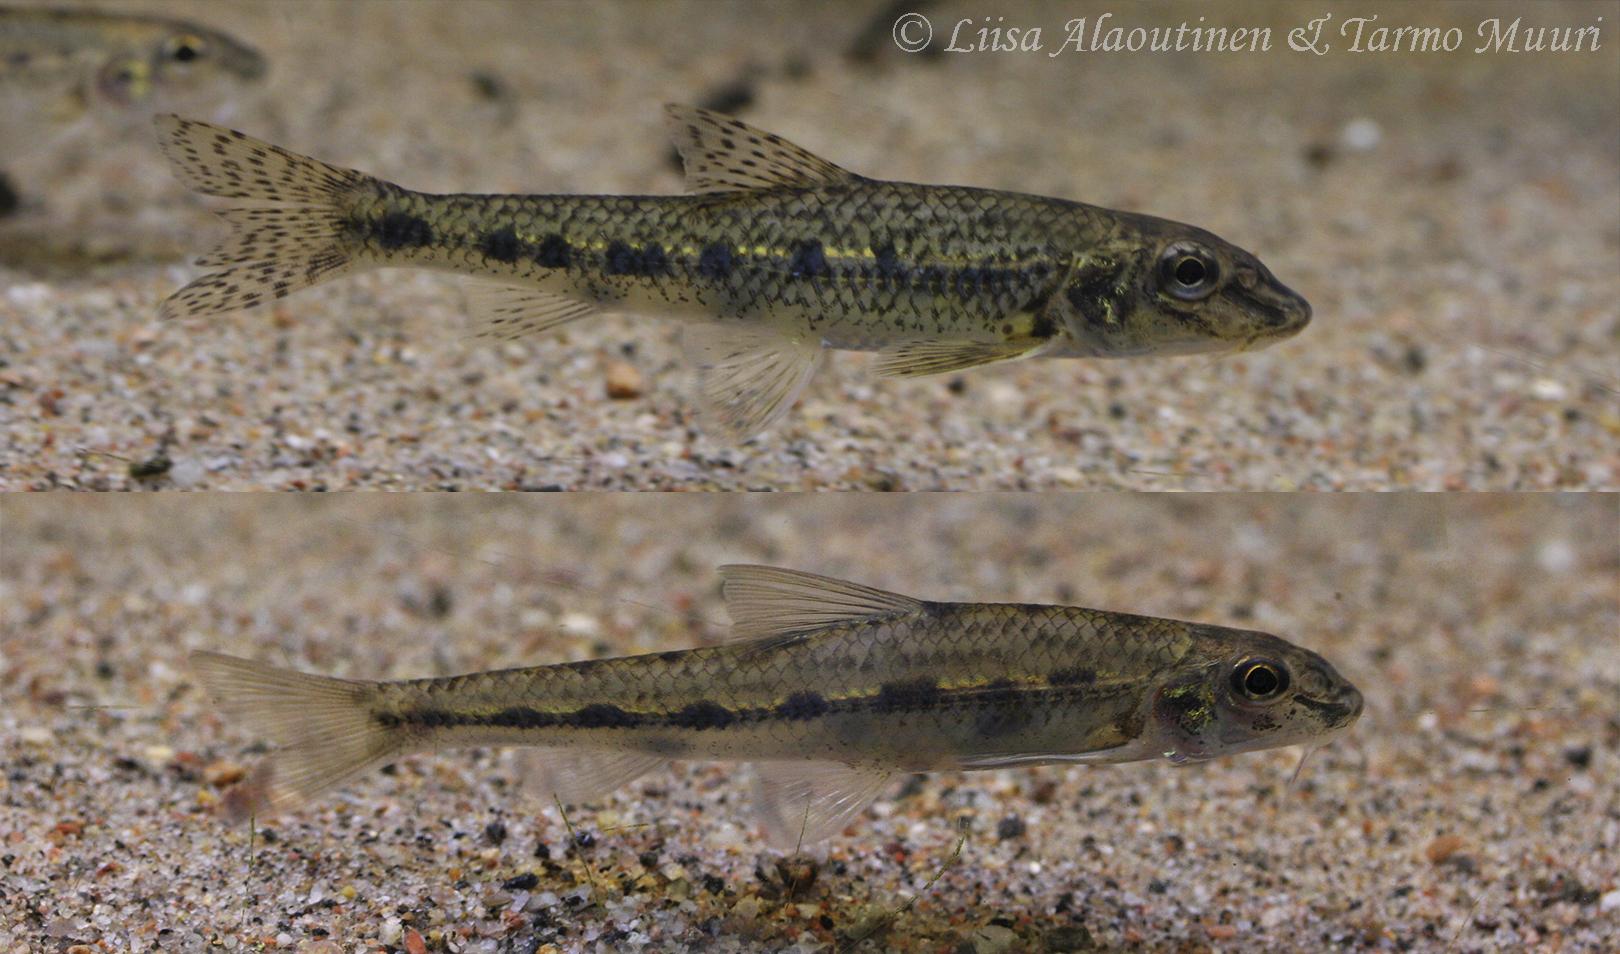 Tunnista uusi kalalajimme valkoevätörö